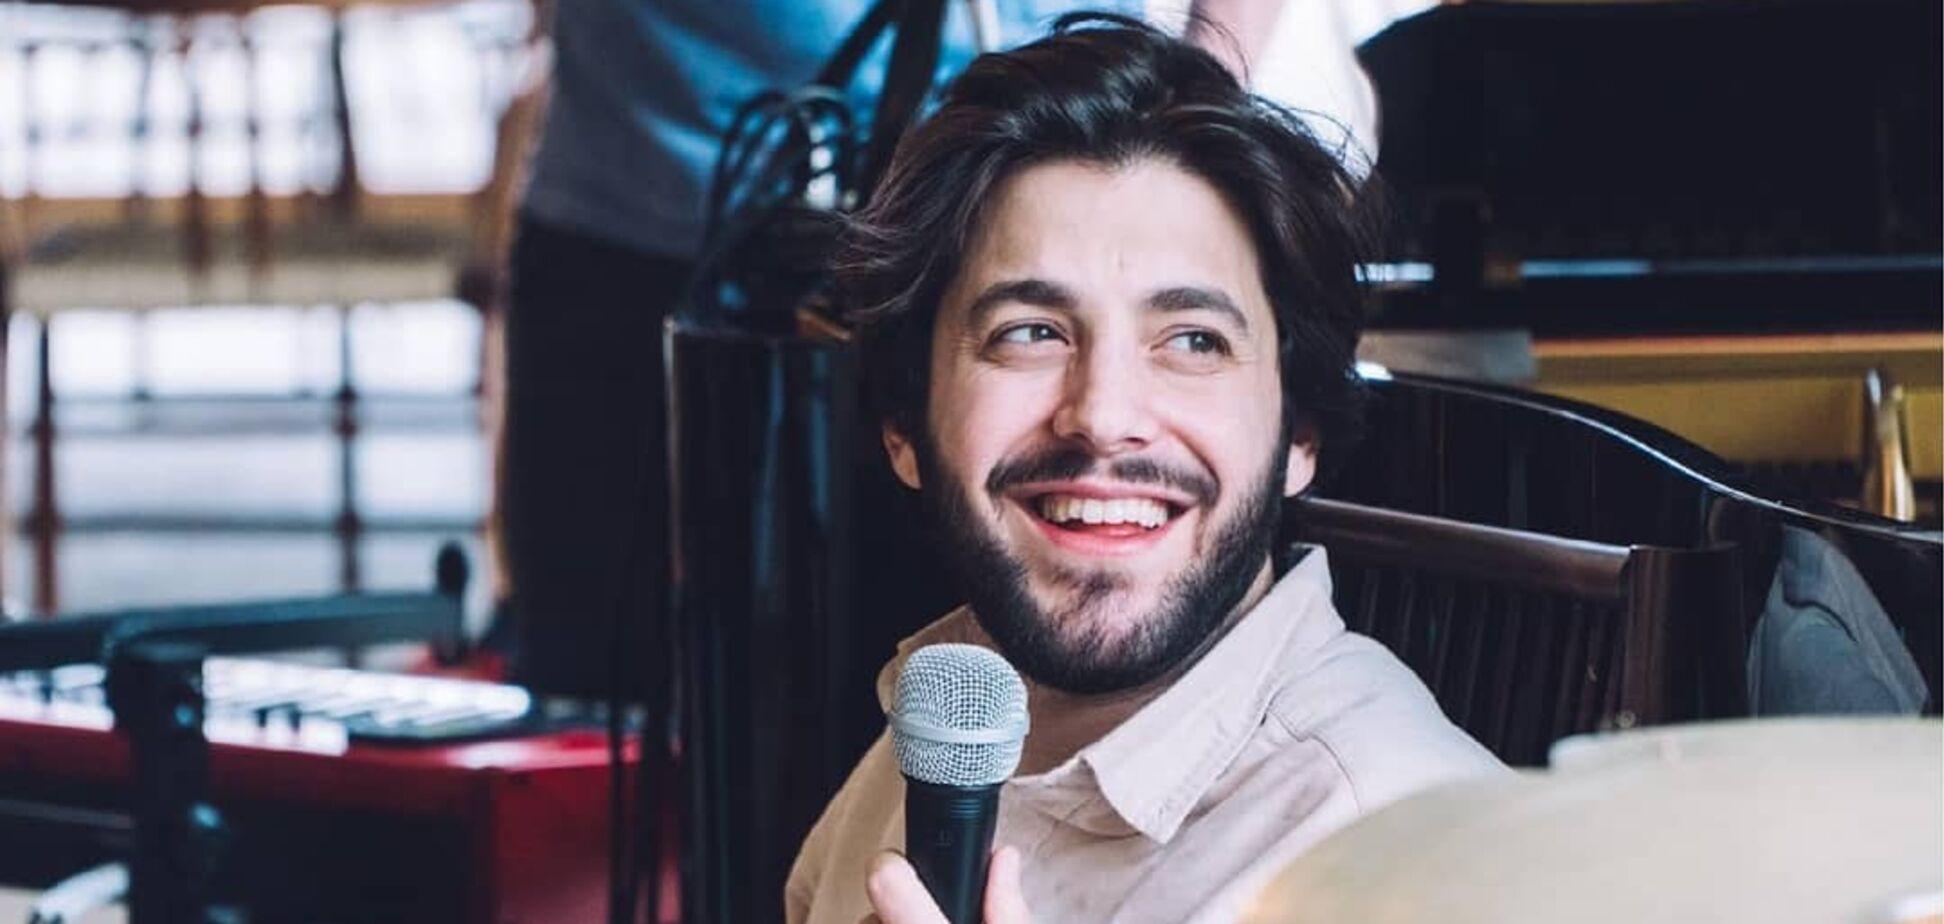 Победитель 'Евровидения-2017' спел песню на украинском языке. Видео